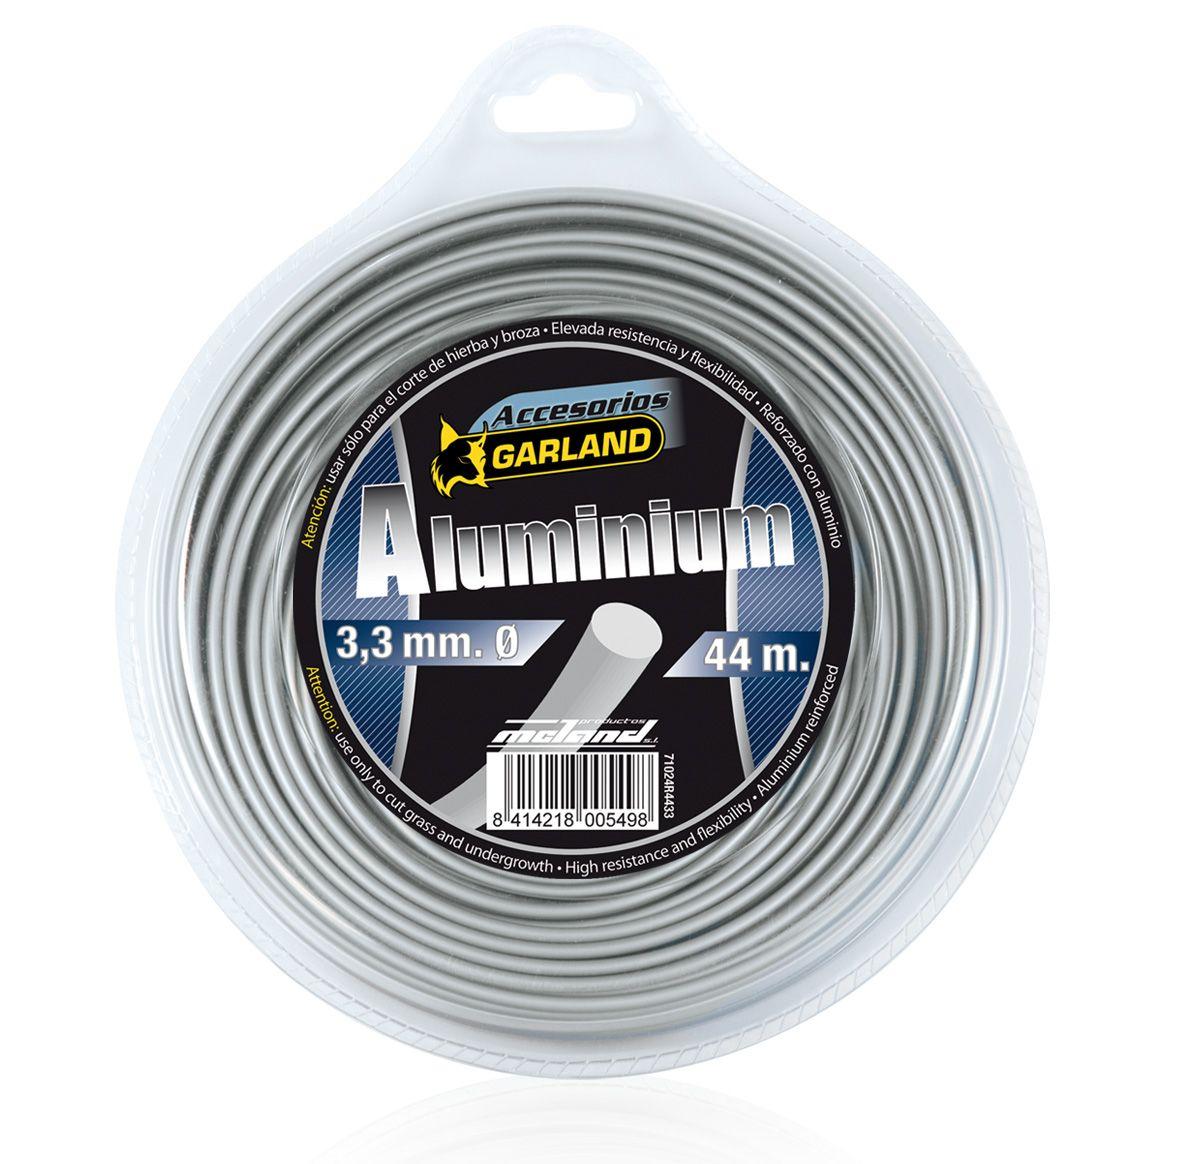 Dispensador Hilo Nylon Aluminio 3,3 mm 44m Garland